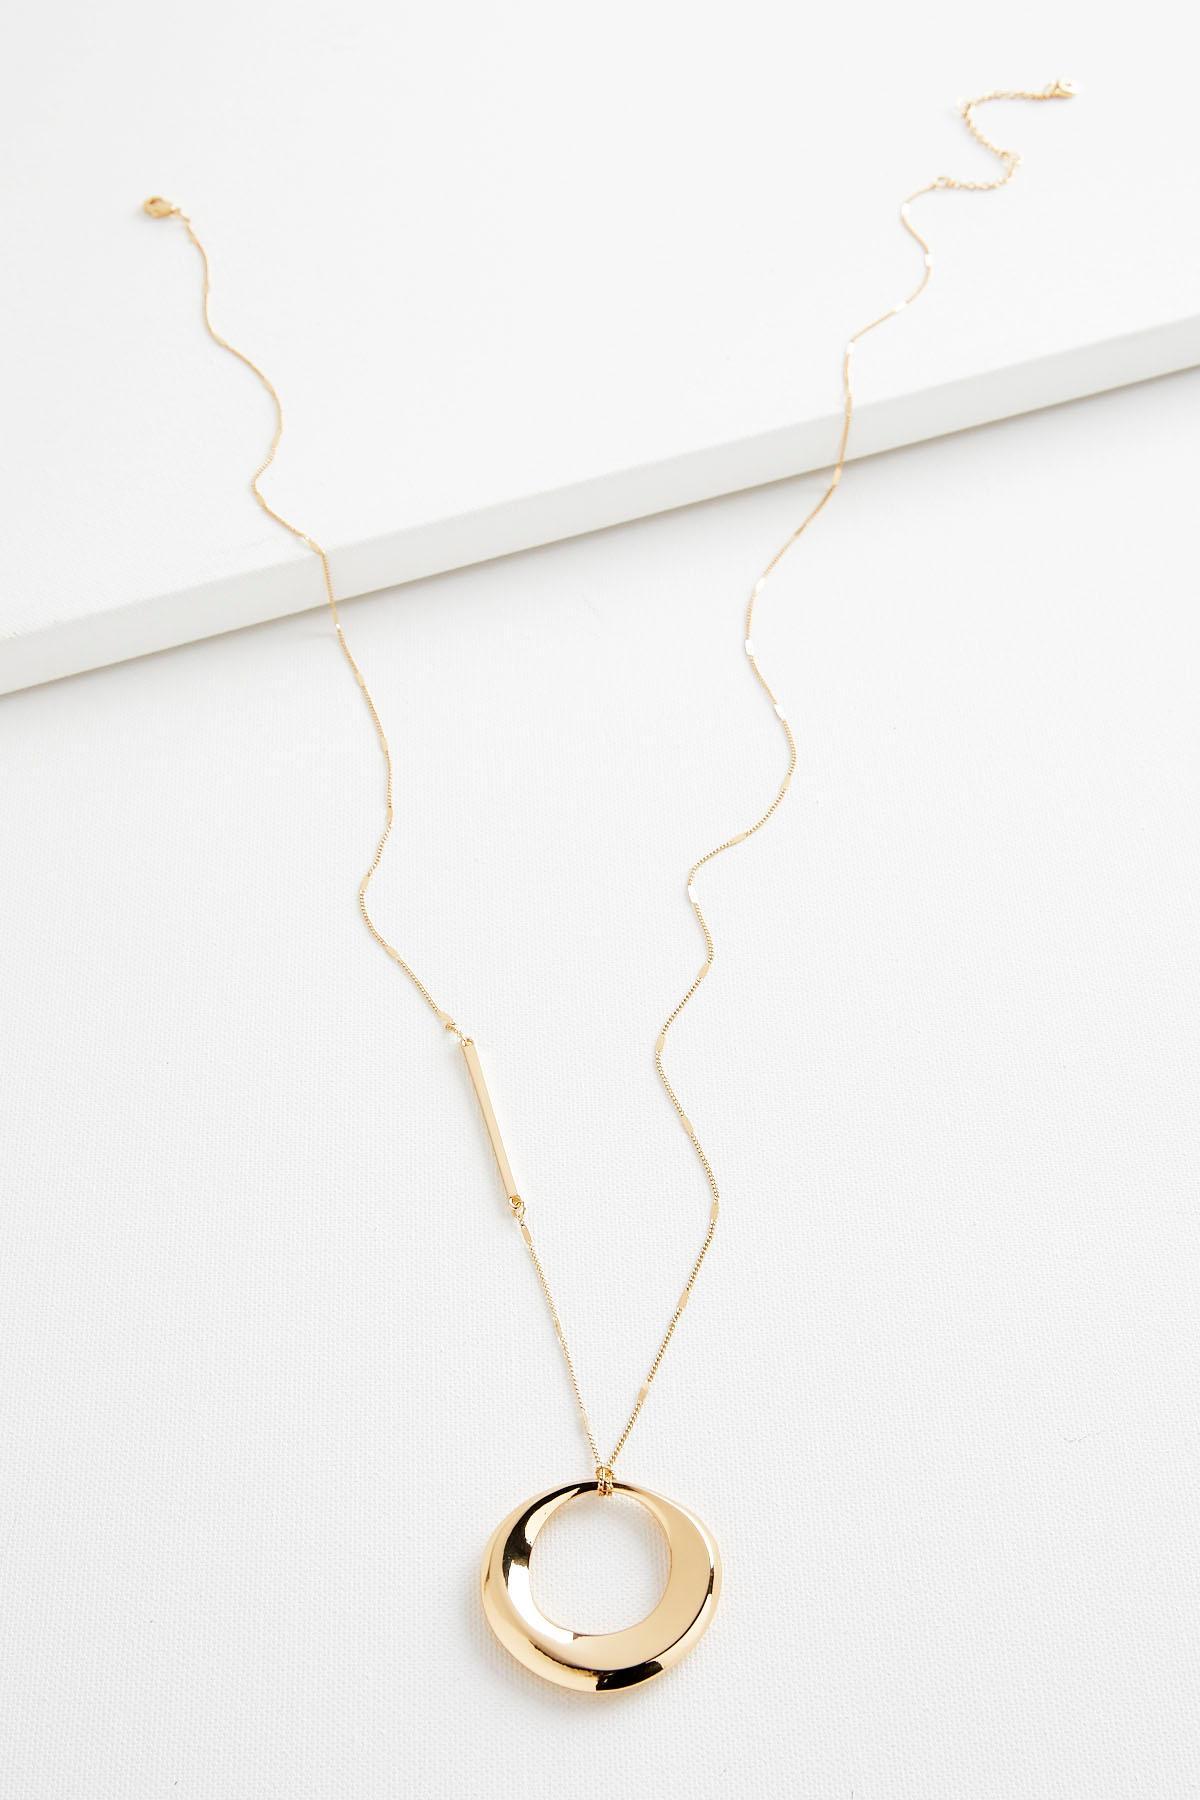 Cutout Oval Pendant Necklace